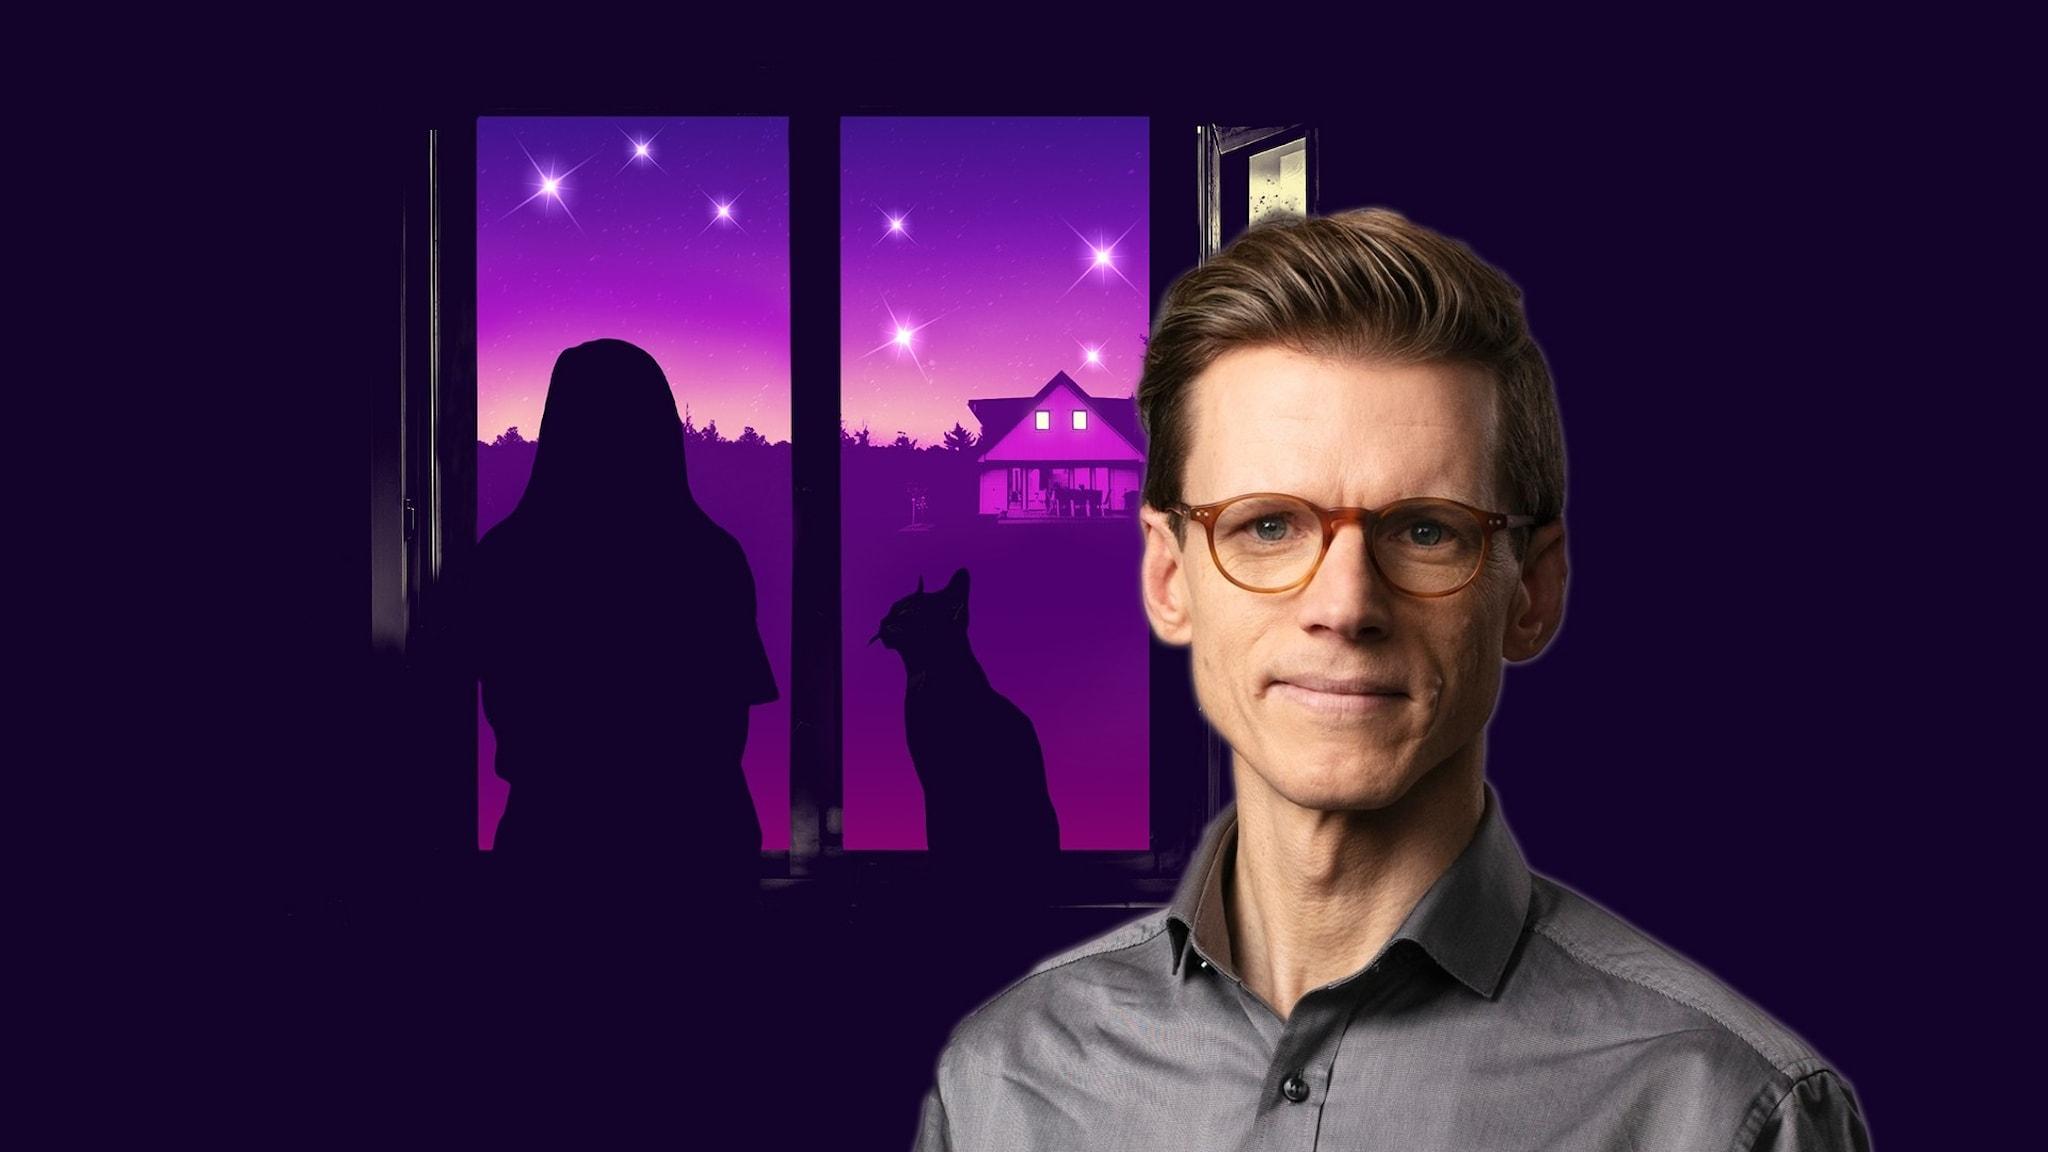 Programledare Johan Signert, i bakgrunden ett tecknat fönster med en natthimmel utanför. En person och en katt avtecknar sig i silhuett. Stjärnbilden Karlavagnen syns på himlen.